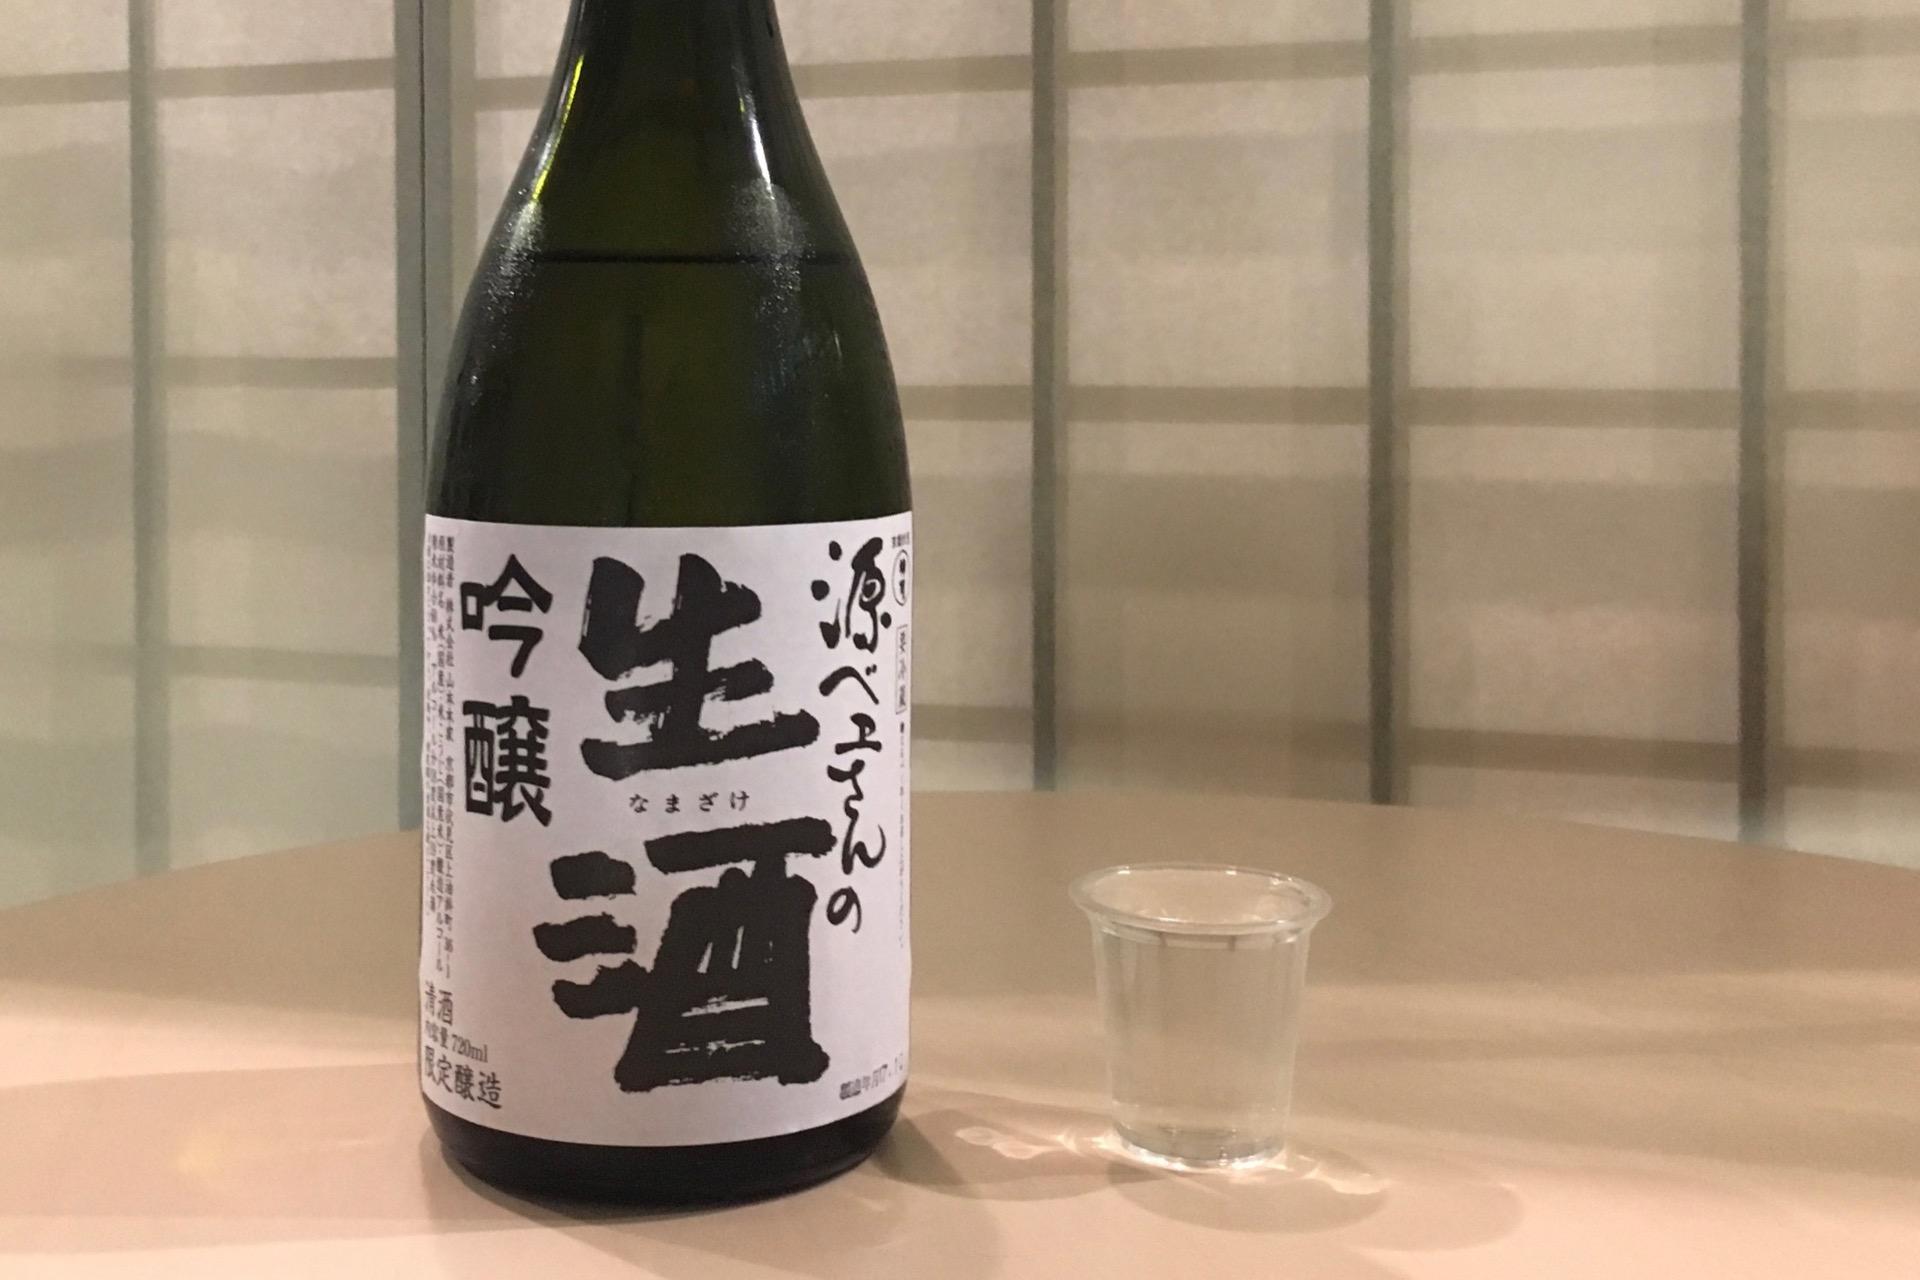 神聖 源べヱさんの生酒 吟醸|日本酒テイスティングノート